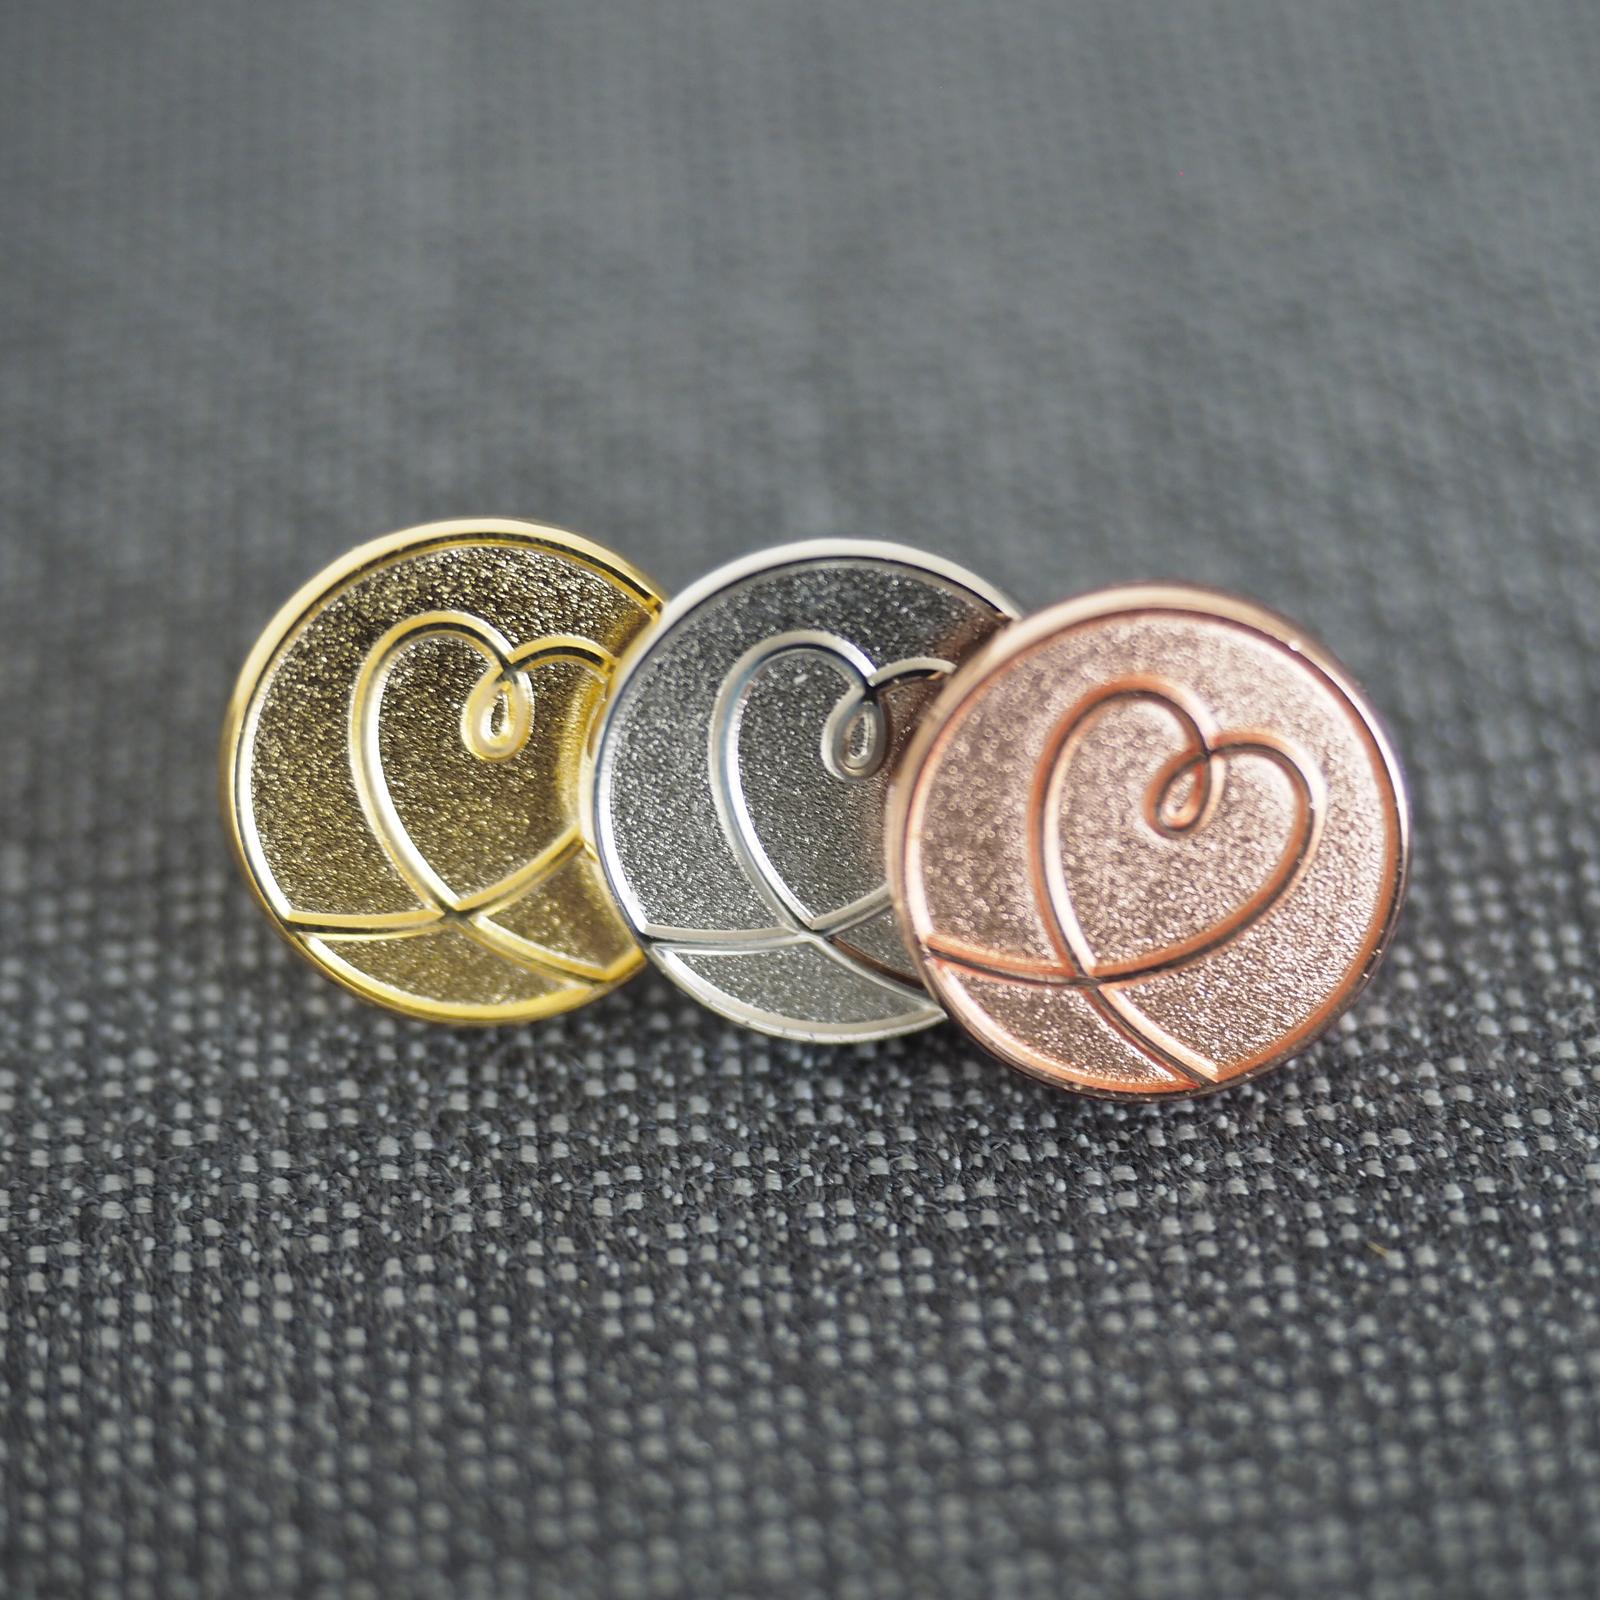 側面画像 ピンバッジ 社章 イベントバッジ 啓発バッジ ハートデザイン CSRバッジ  オリンピックメダル 金銀銅メダル 色 表現